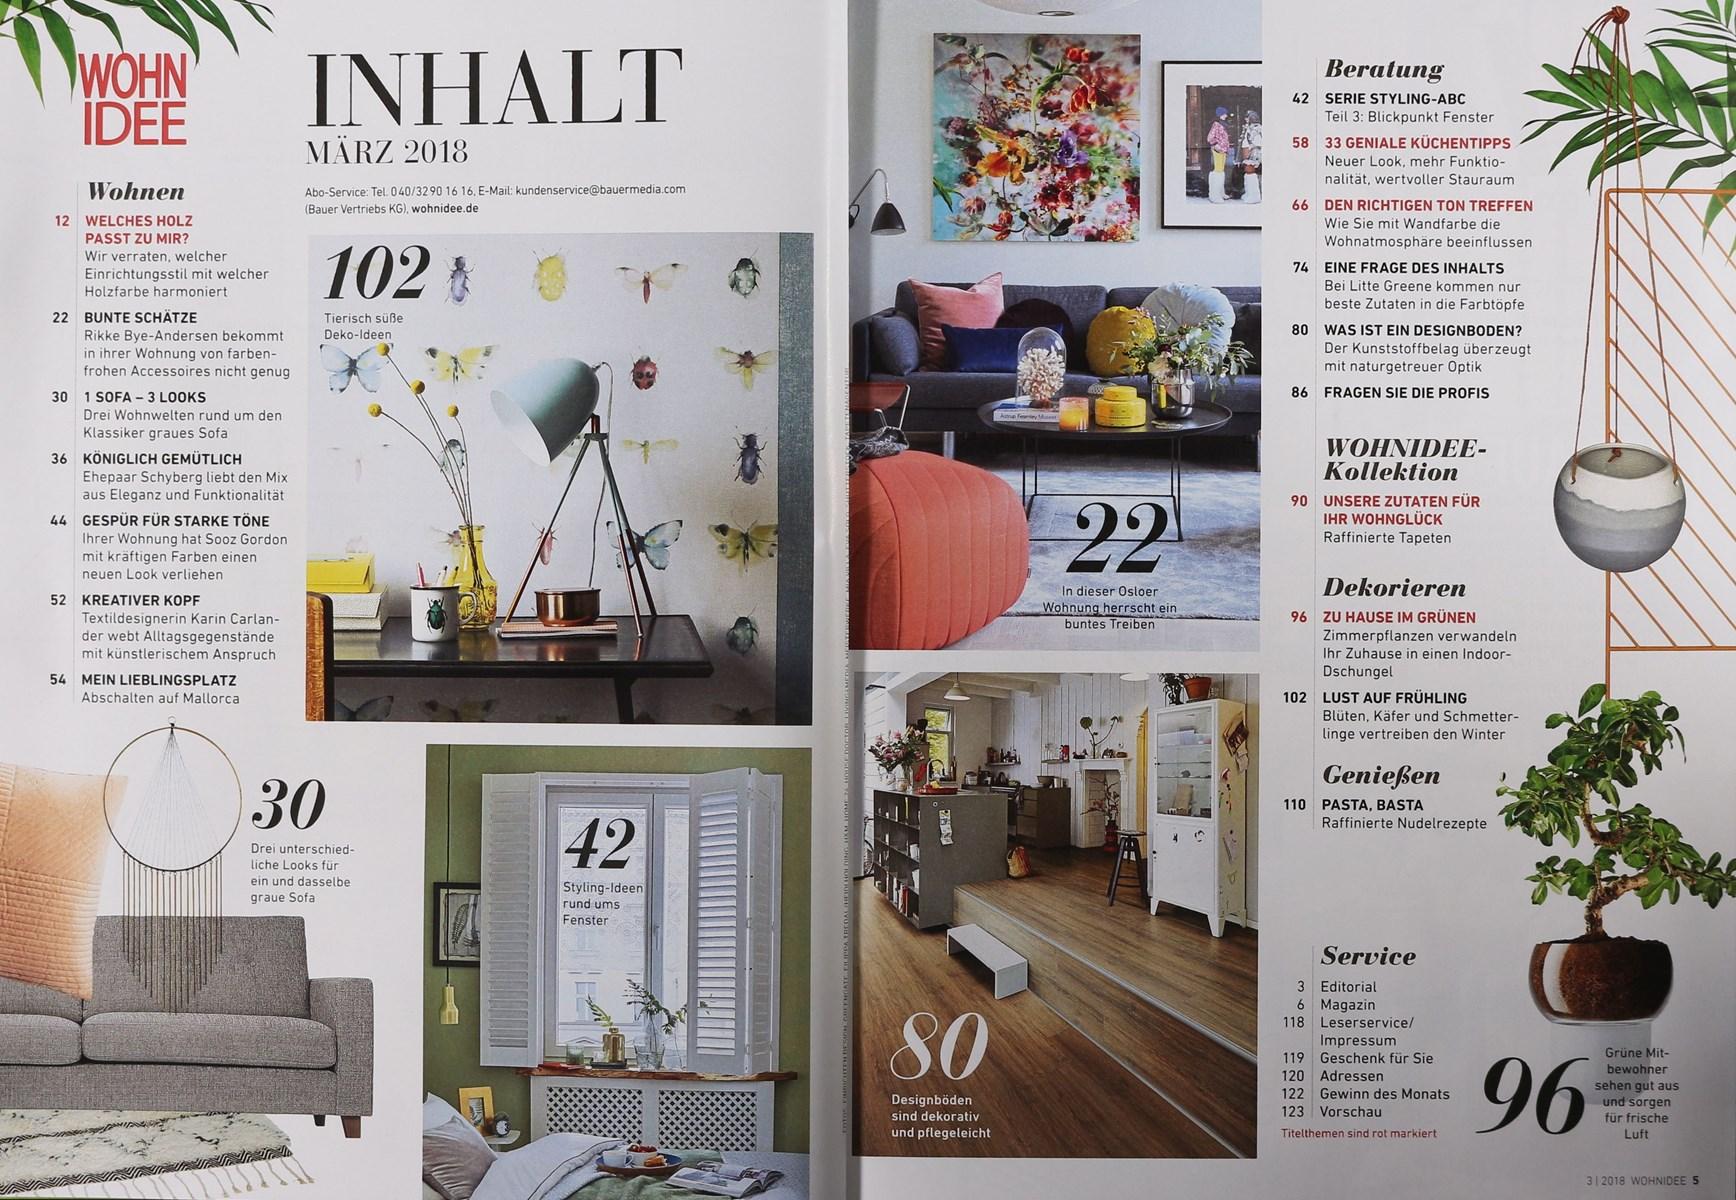 Wohnidee Magazin wohnidee 3 2018 zeitungen und zeitschriften